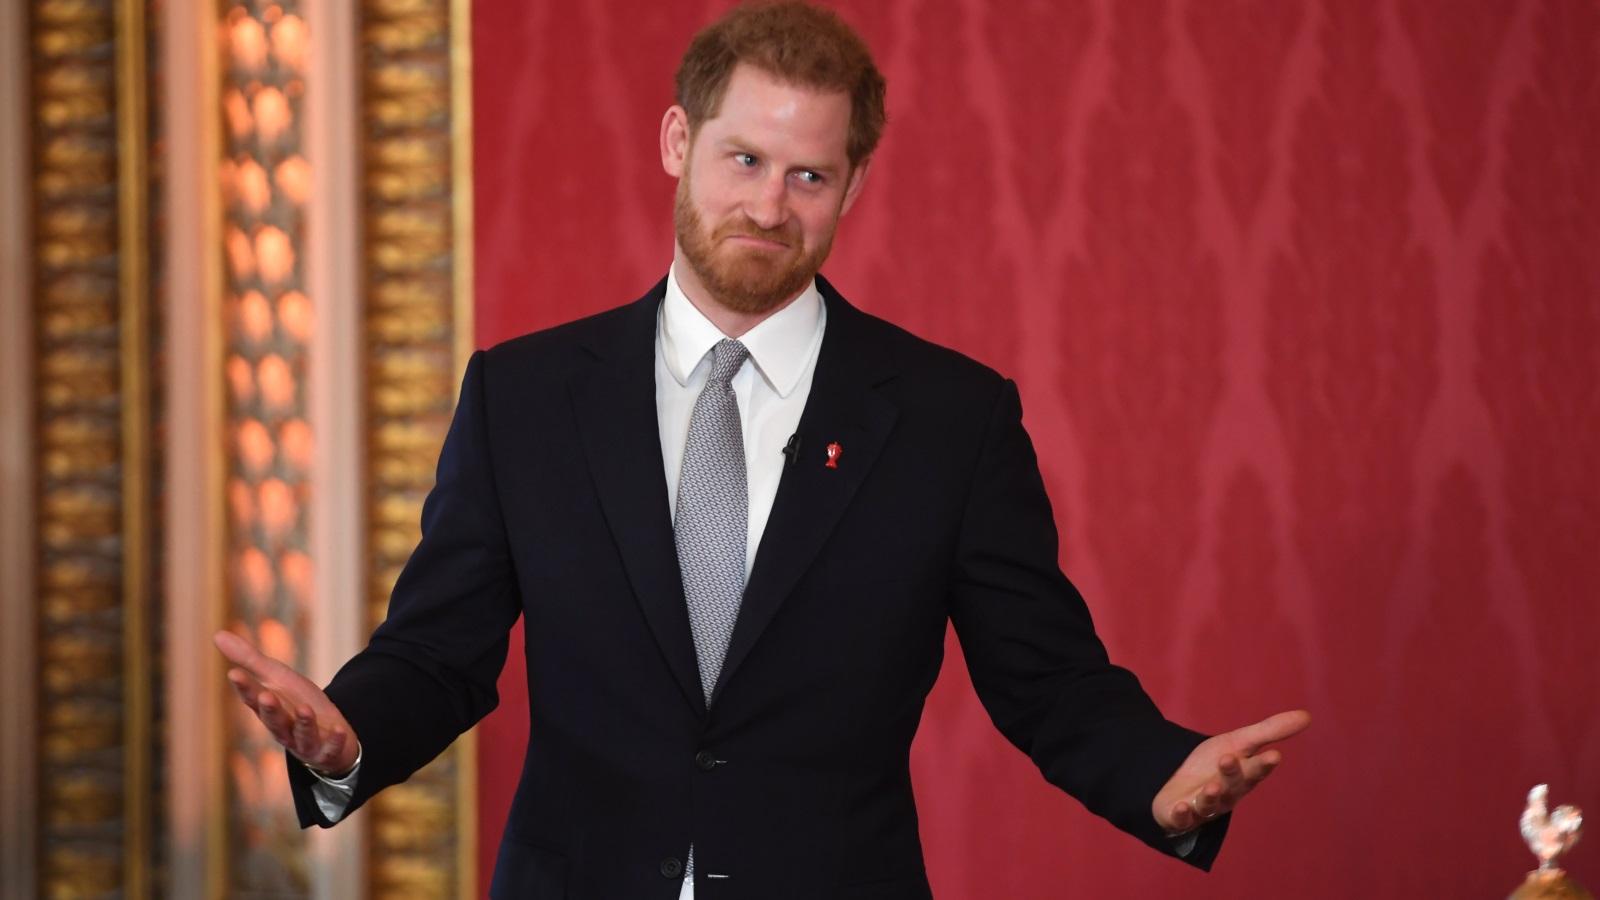 <p>Британският принц Хари се появи публично за първи път, след като кралица Елизабет Втора прояви разбиране към желанието му да промени ролята си.<br /> Принц Хари беше домакин на тегленето на жребия в Бъкингамския дворец за Световната купа на лигата по ръгби за следващата година. Това е последният планиран кралски ангажимент на принц Хари, преди той и съпругата му да навлязат в &quot;преходен период&quot; към новите си роли в двореца.</p>